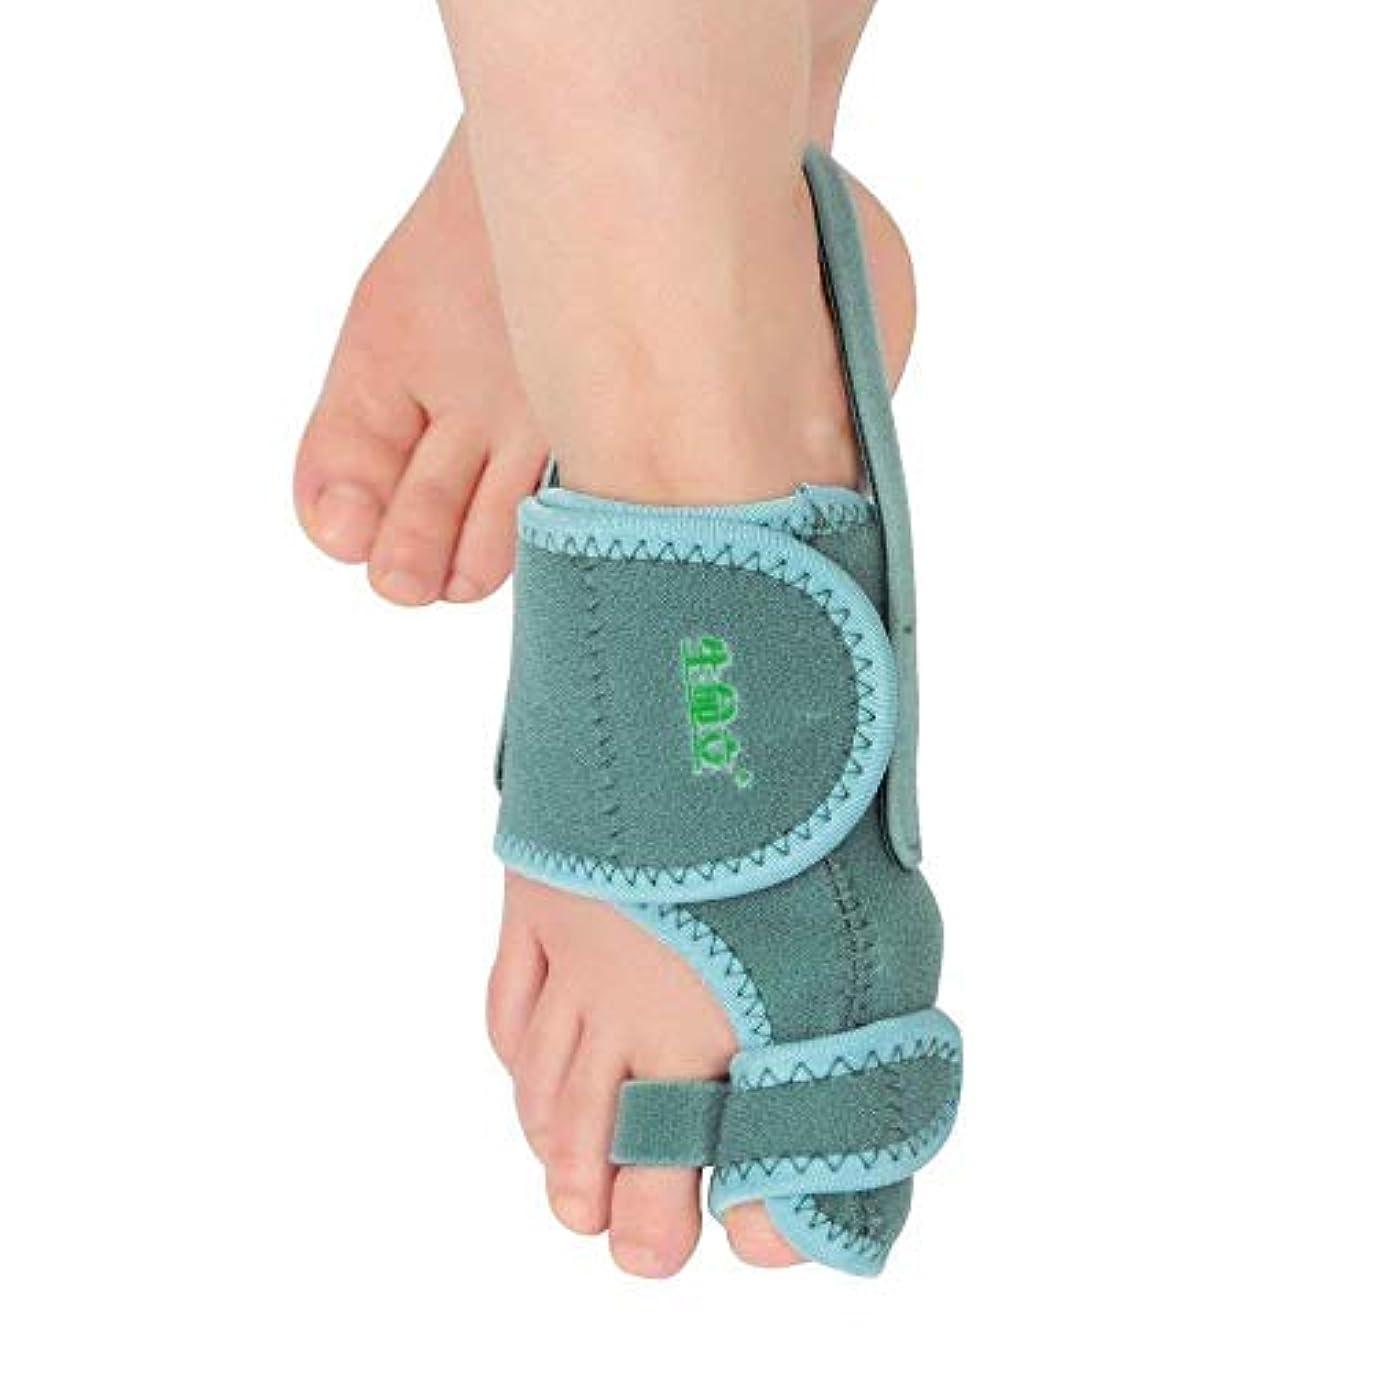 ようこそ娯楽潜在的な外反母ortho装具、女性と男性の足の親指の矯正用セパレーターの腱膜瘤緩和のための夜間親指つま先外反,Left Foot